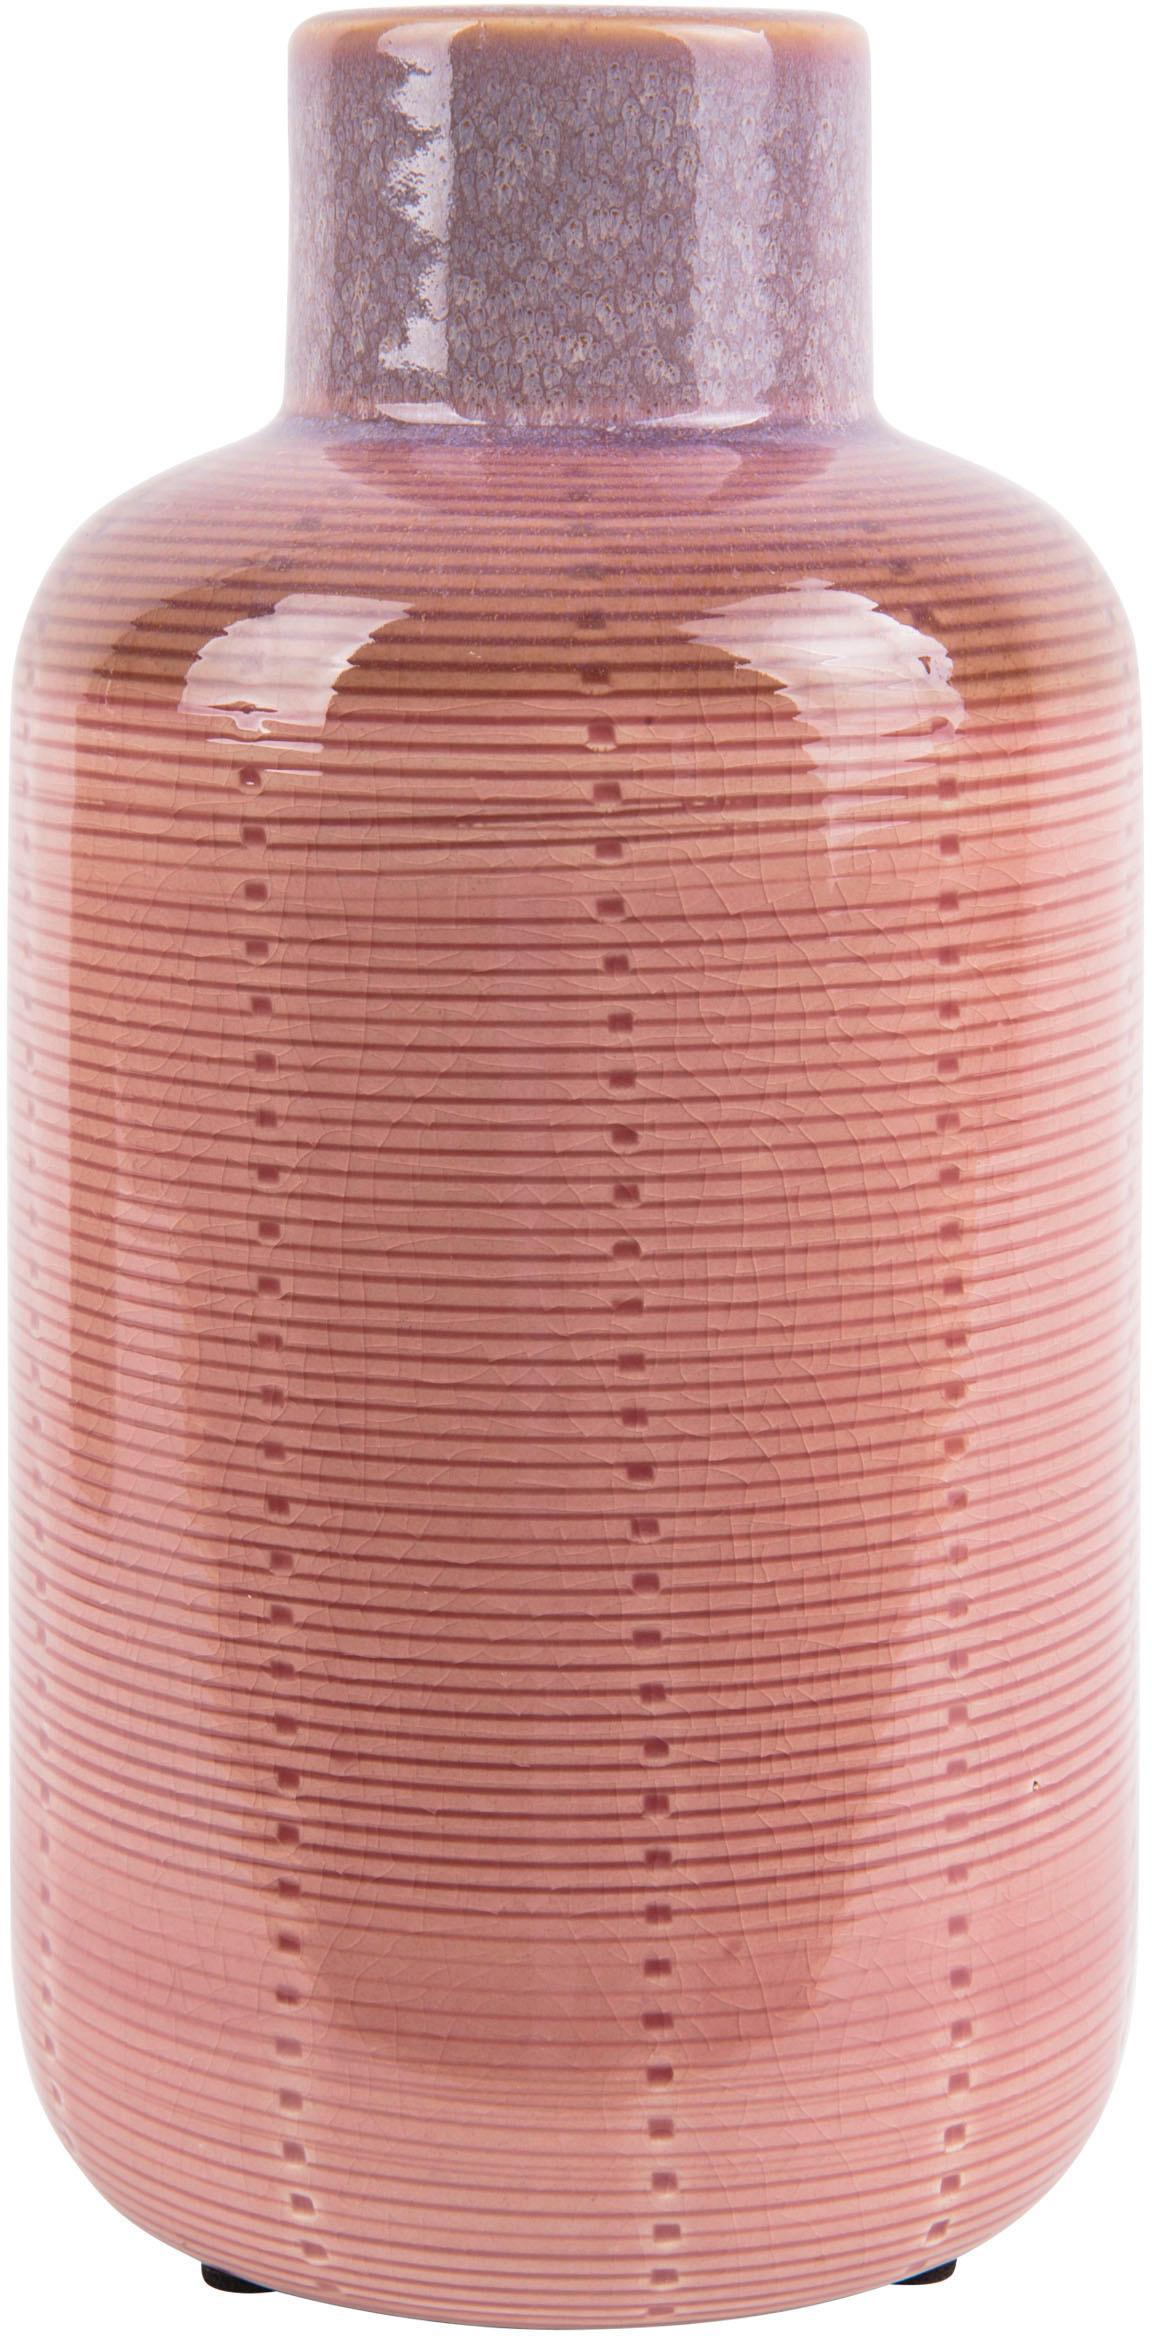 Jarrón de cerámica Bottle, Cerámica, Rosa, Ø 12 x Al 23 cm